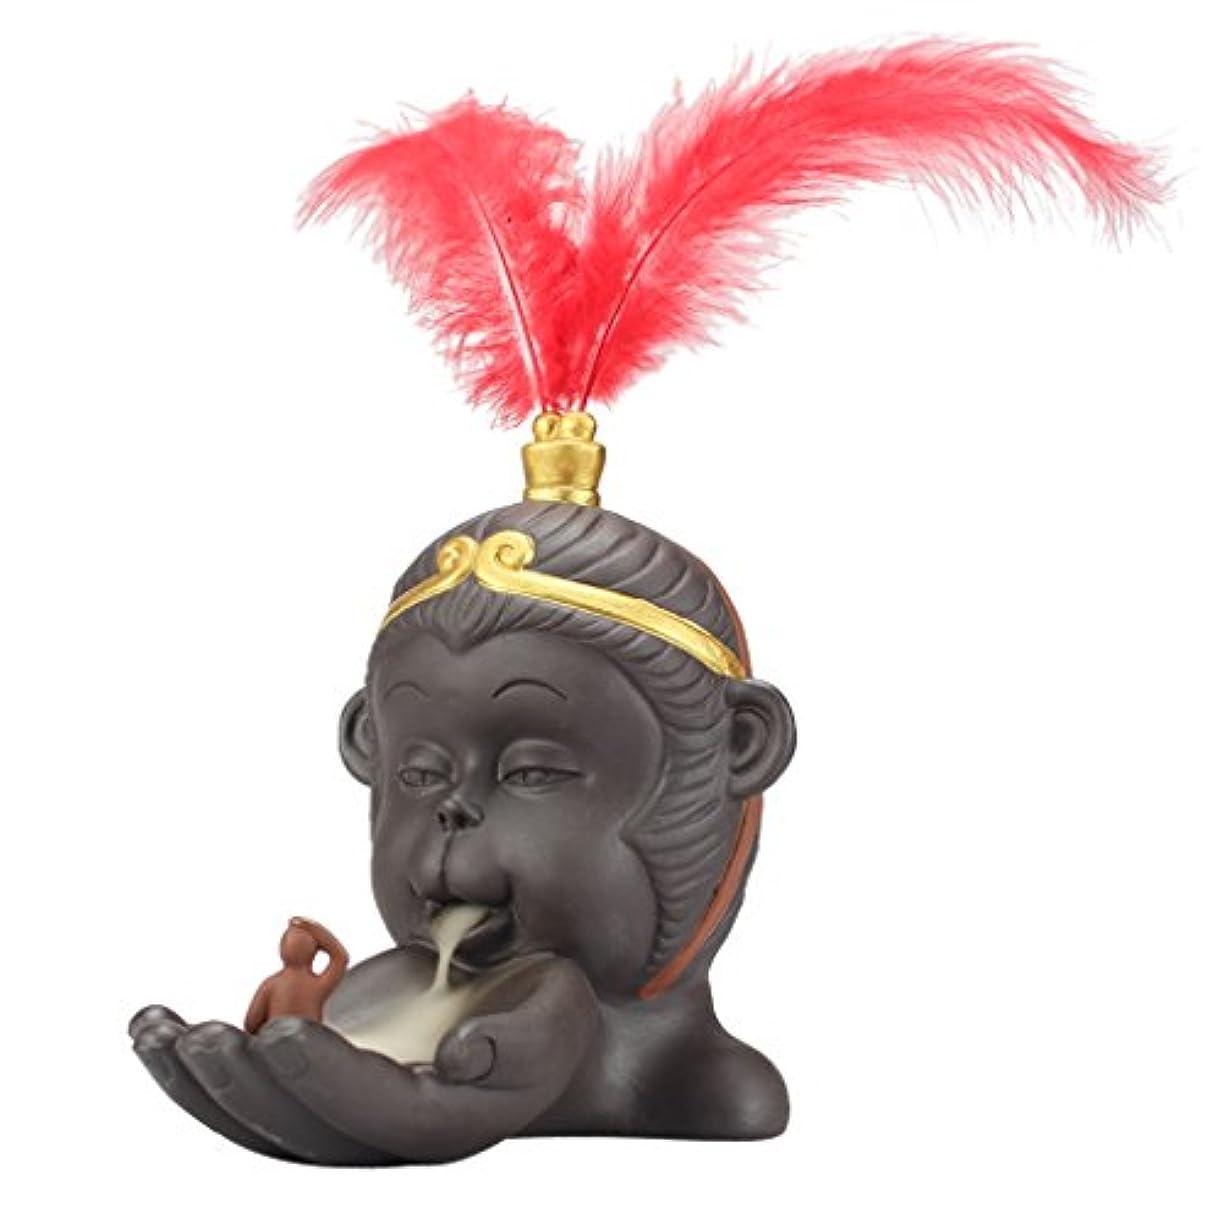 災害派手稼ぐPerfk 仏教 香炉 バーナーホルダー 小型 逆流コーン 香バーナー 持ち運び 容易 全2色 - 赤